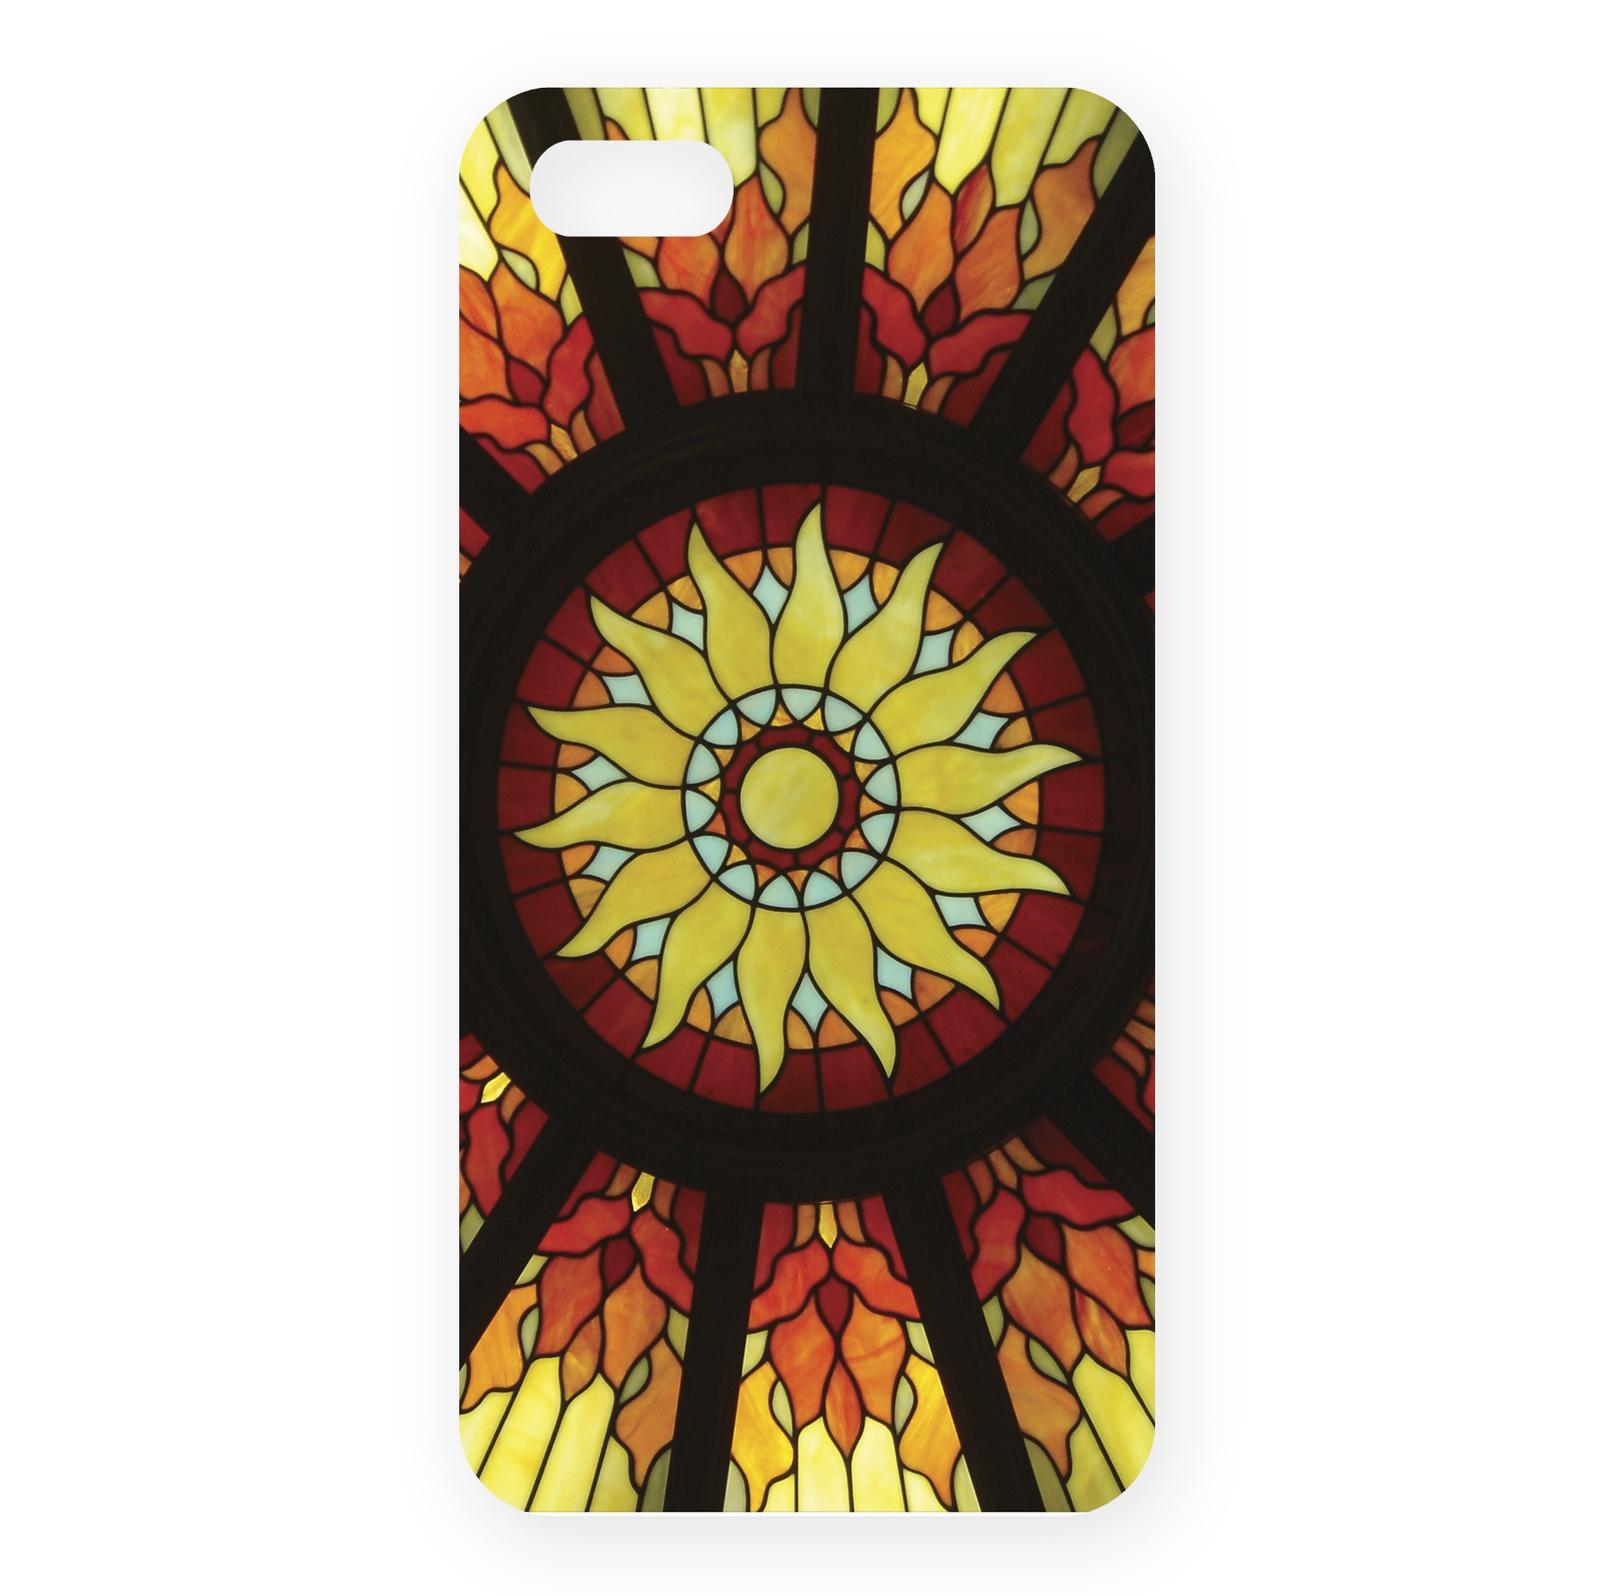 цена Чехол для сотового телефона Mitya Veselkov IP5.MITYA, IP5.MITYA-241, желтый, черный онлайн в 2017 году